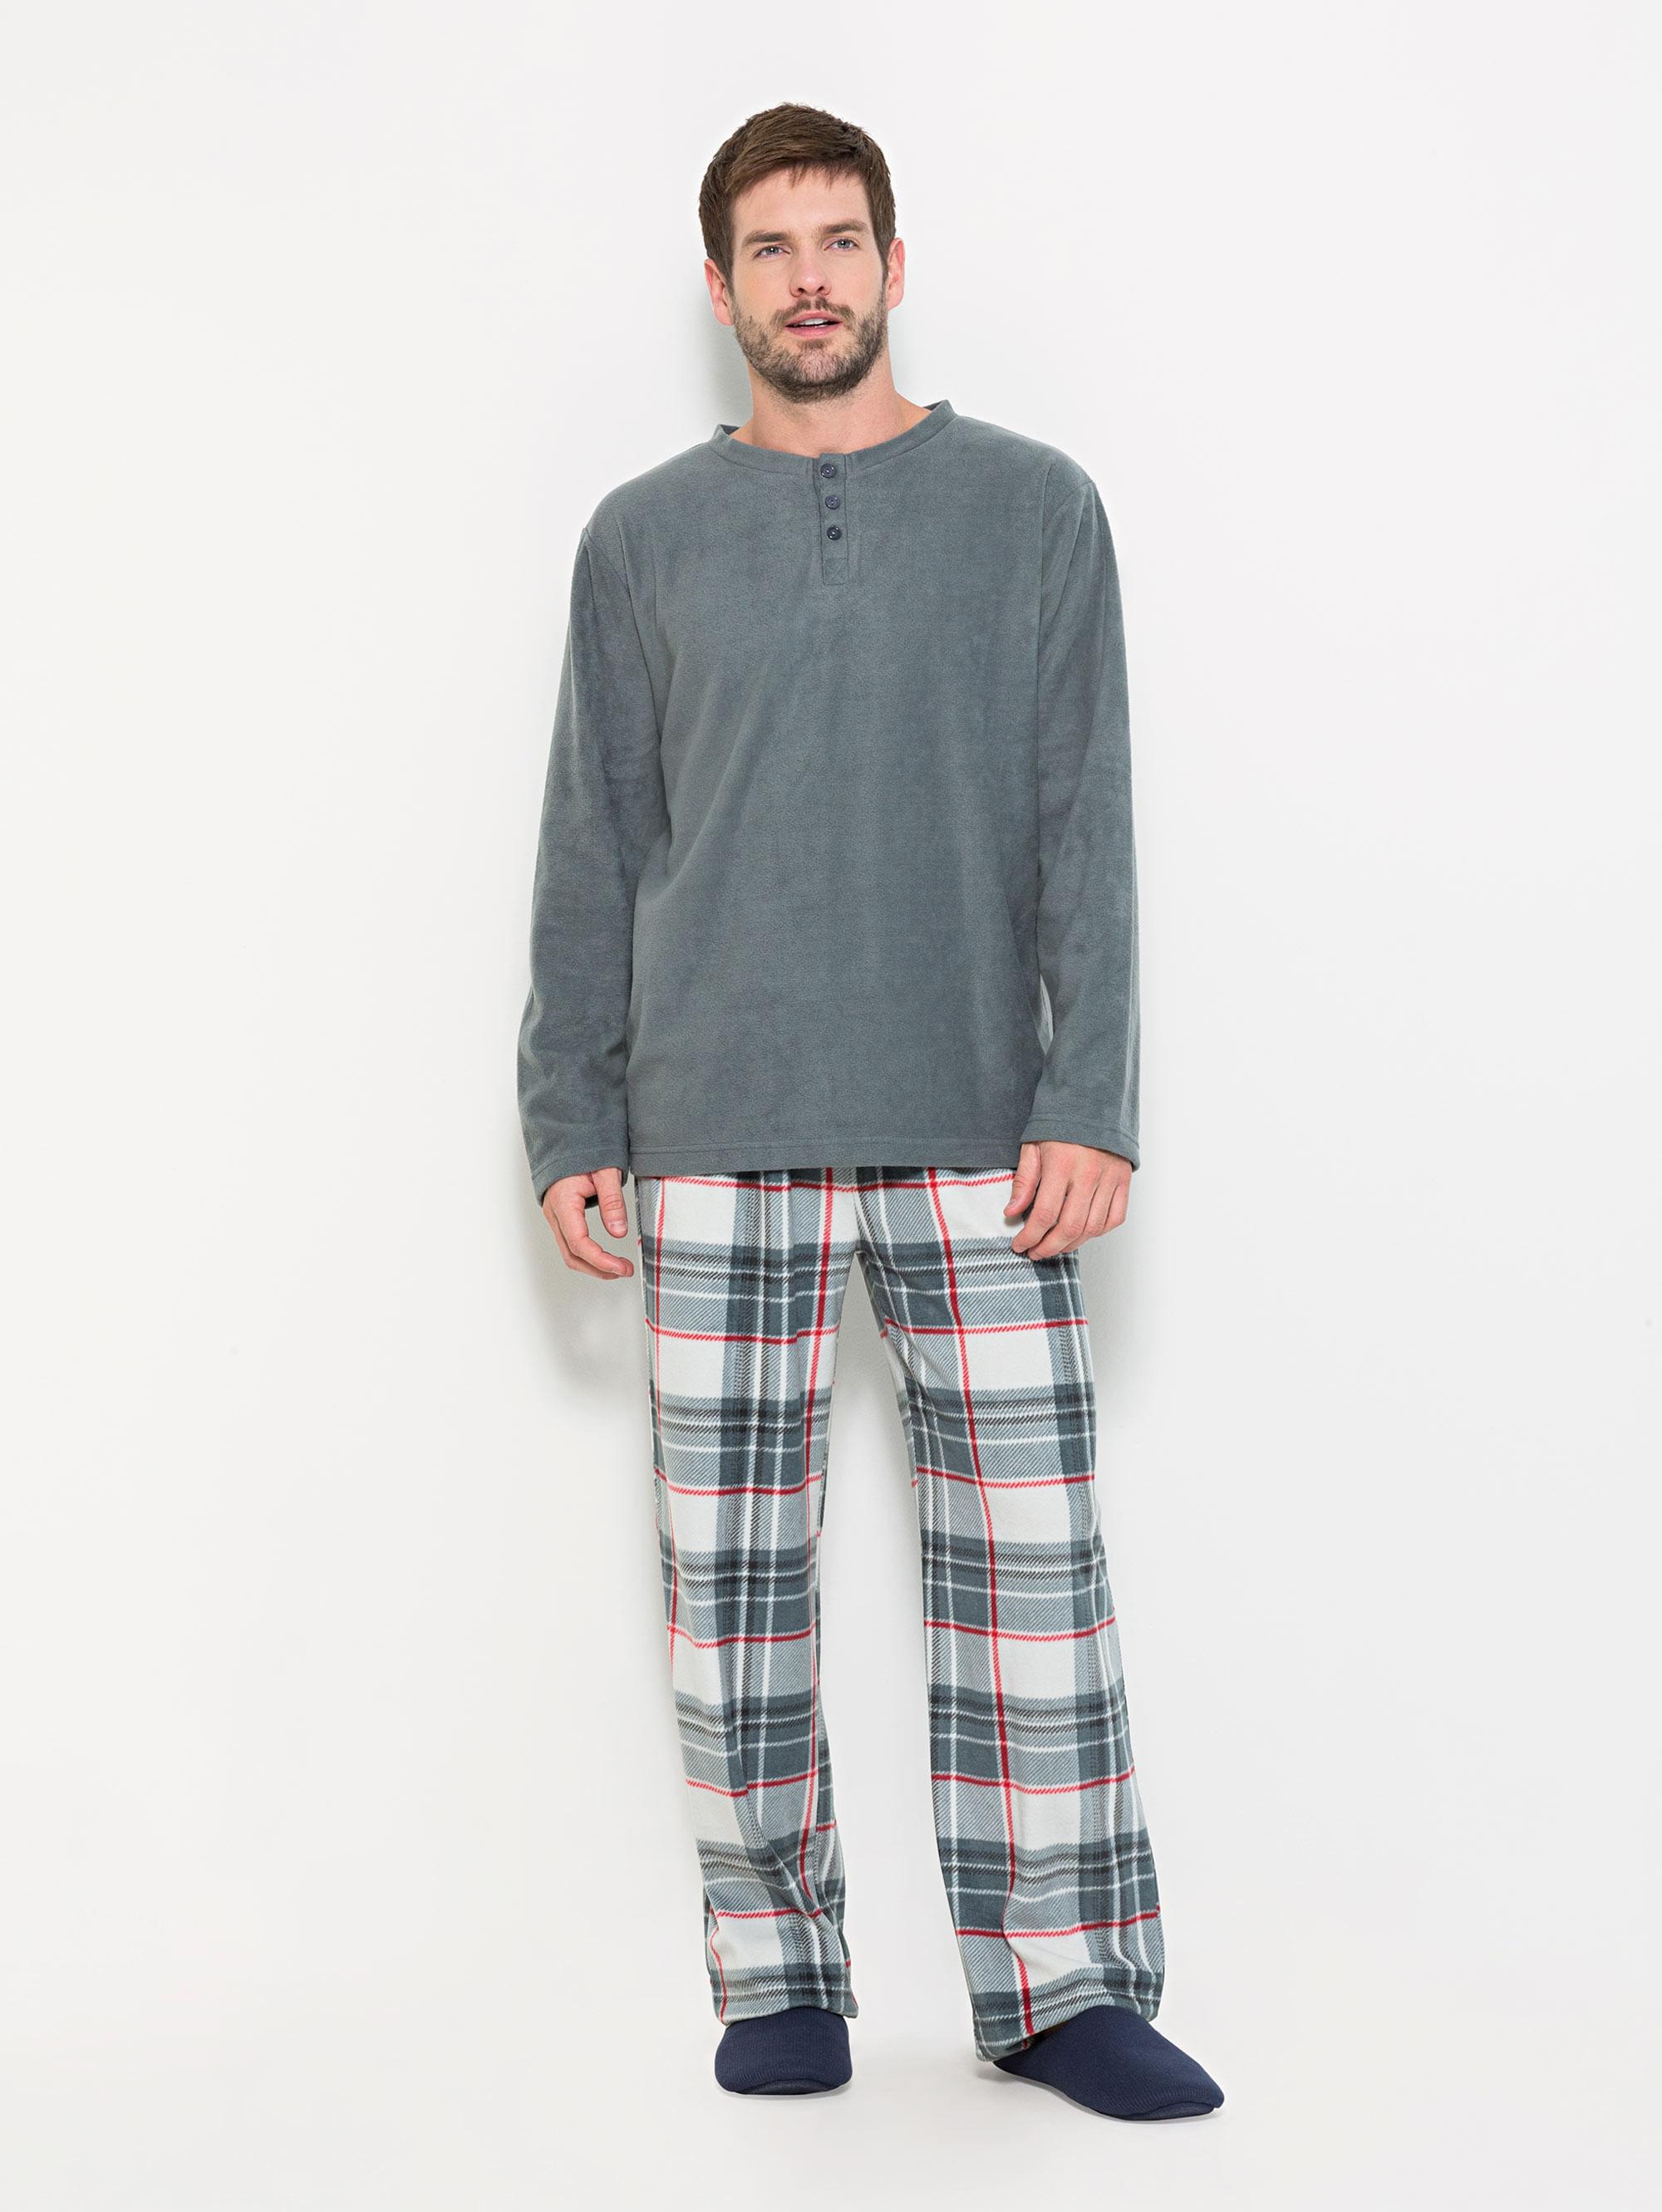 Pijama-Longo-Manga-Longa-Soft-Masculino-Berlim-04.01.1538